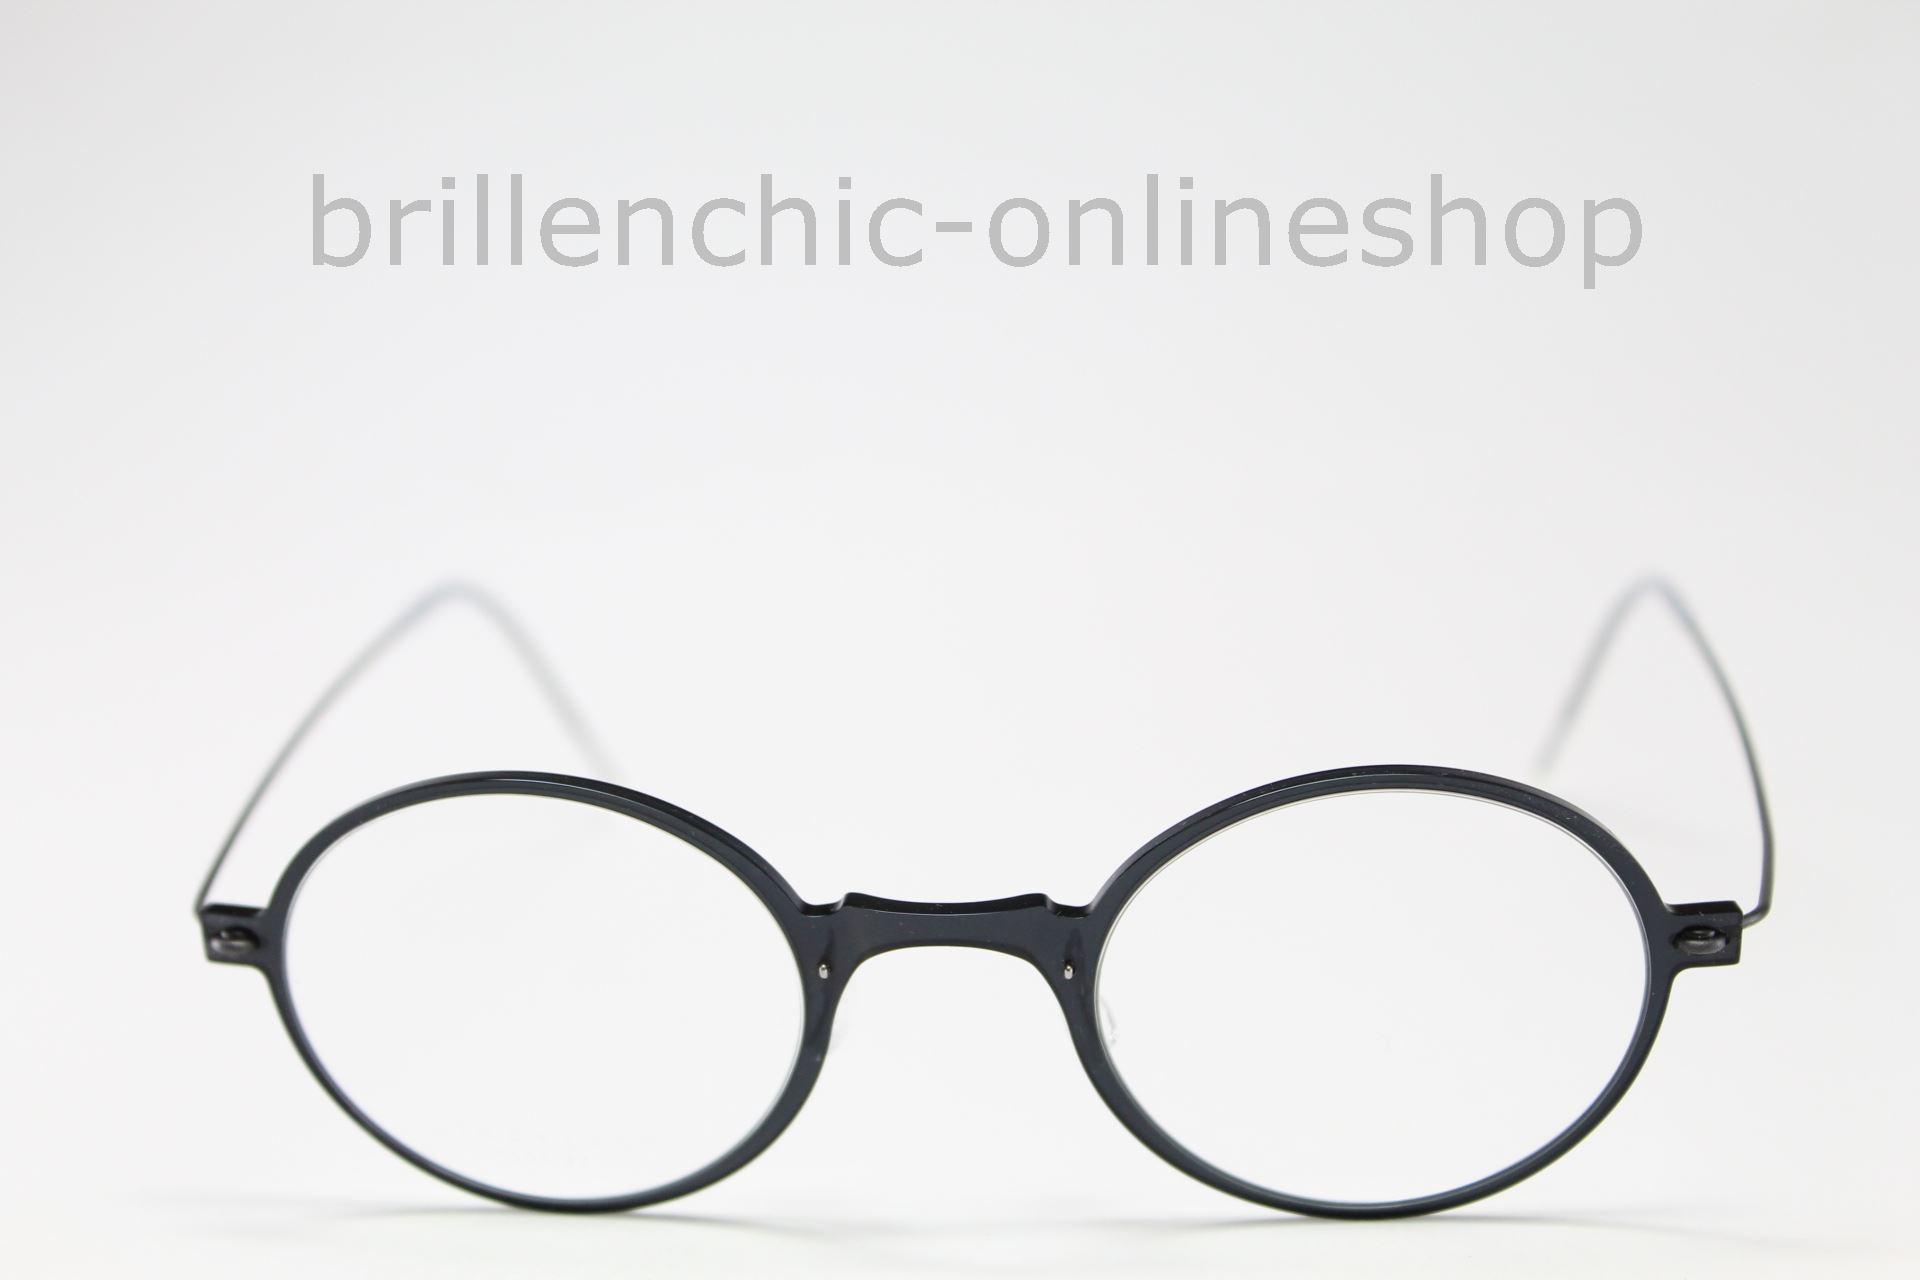 a98a65e79444 Brillenchic-onlineshop in Berlin - LINDBERG NOW 6508 C06 U9 TITANIUM ...